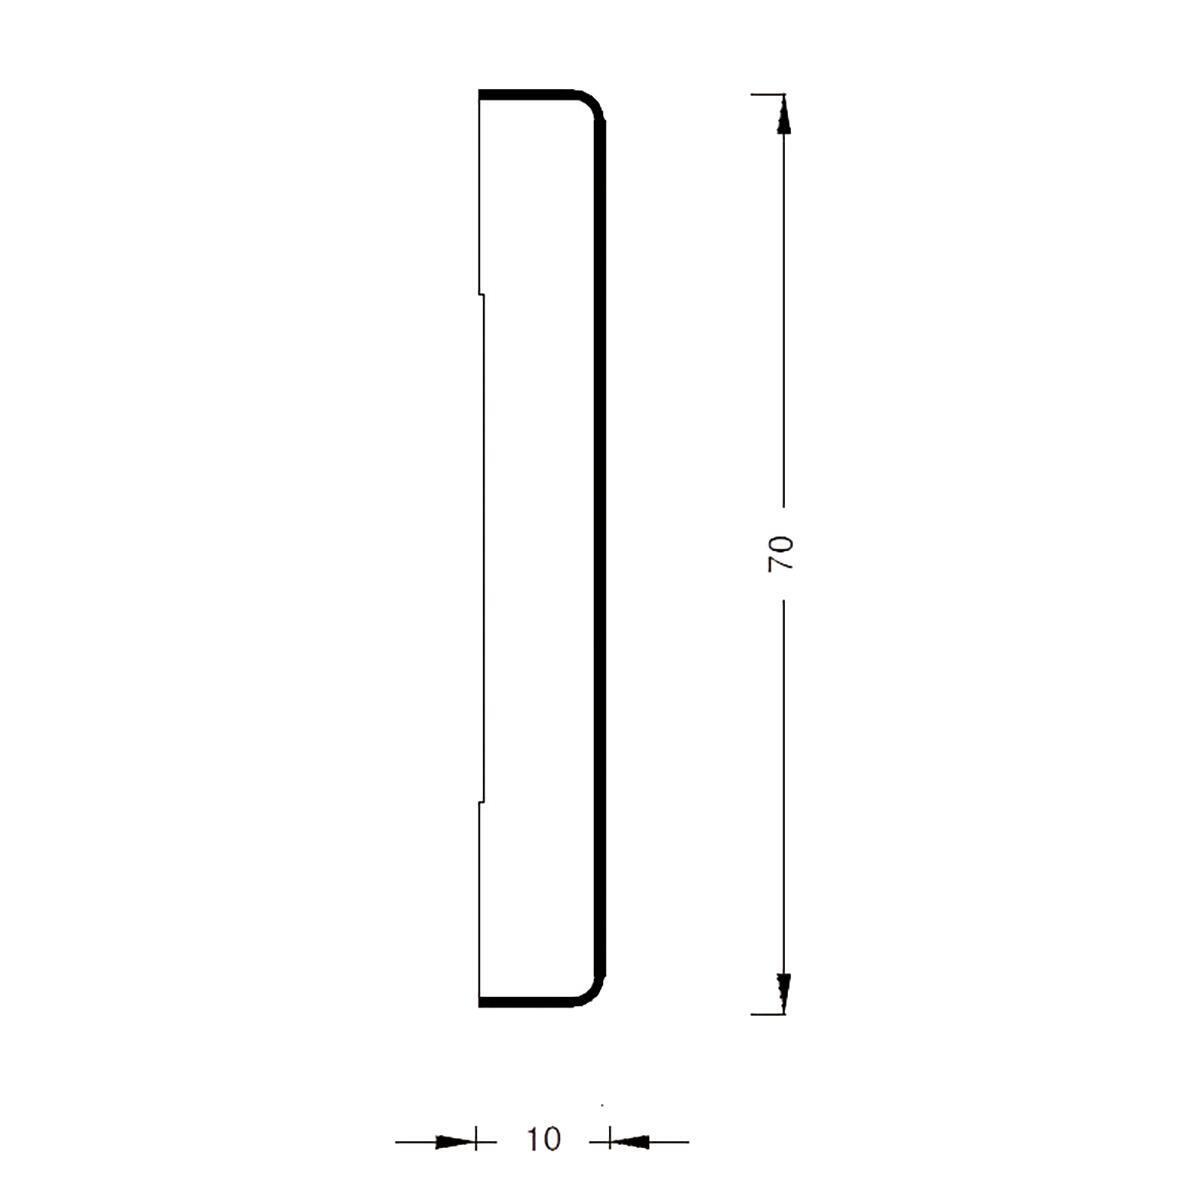 Coprifilo in legno legno massello noce scuro L 2250 x P 10 x H 70 mm - 4